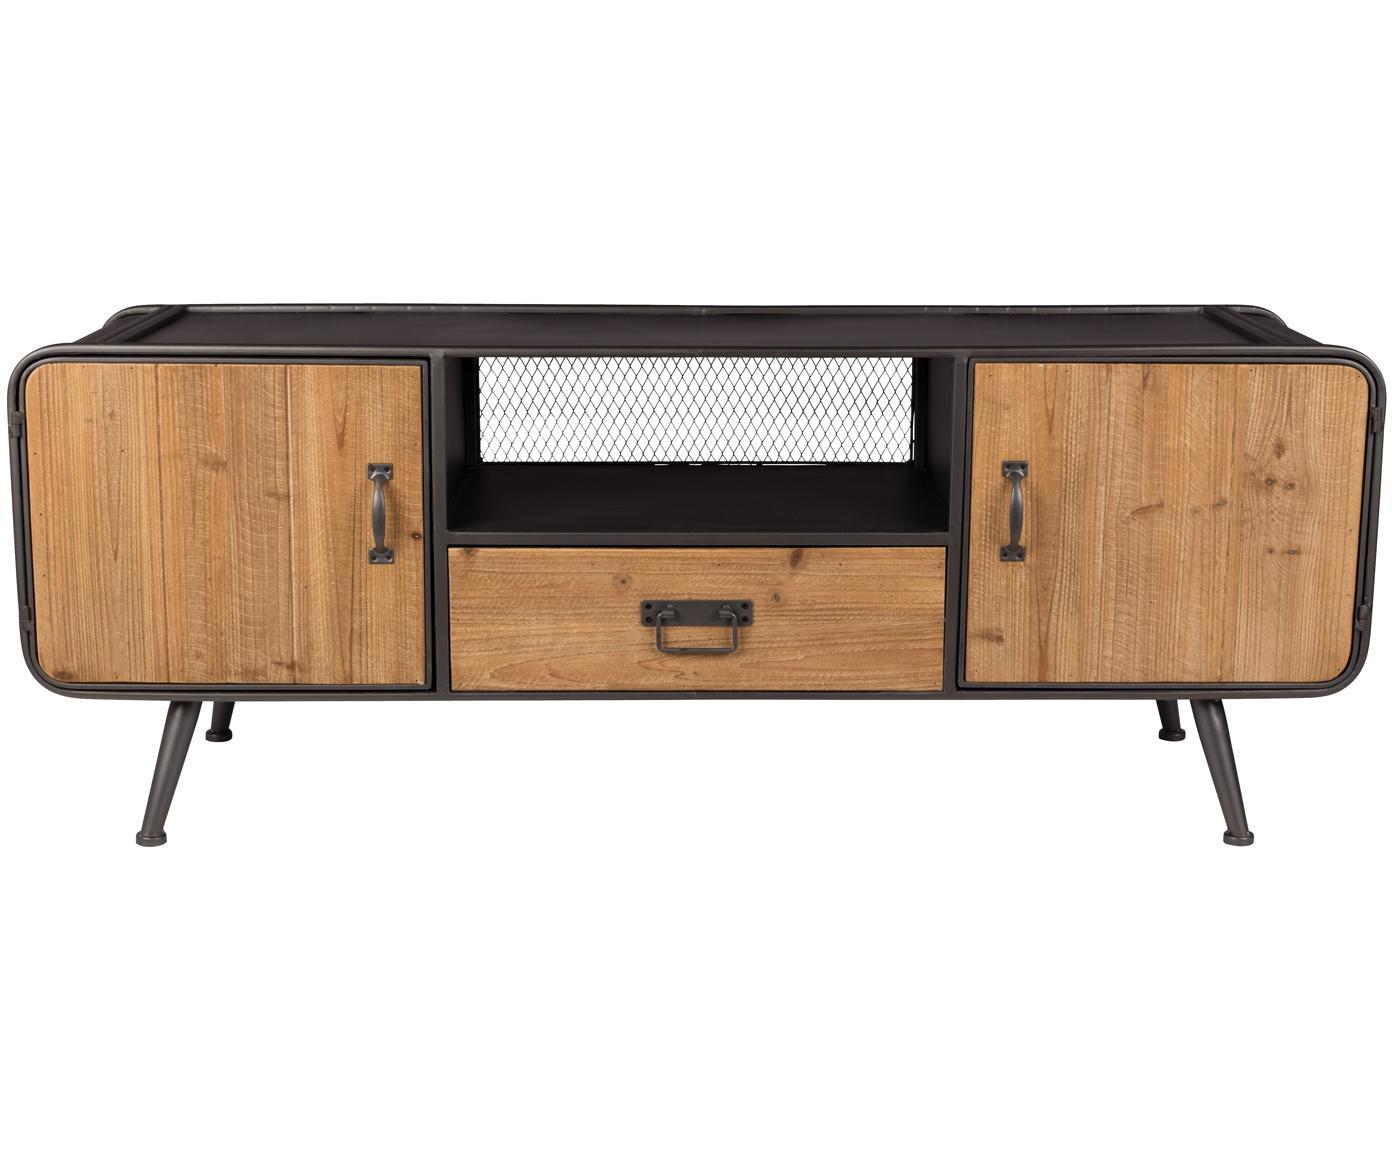 Lowboard Gin im Industrial Design, Türen, Schublade: Tannenholz Gestell, Griffe und Füße: Grau, 135 x 51 cm